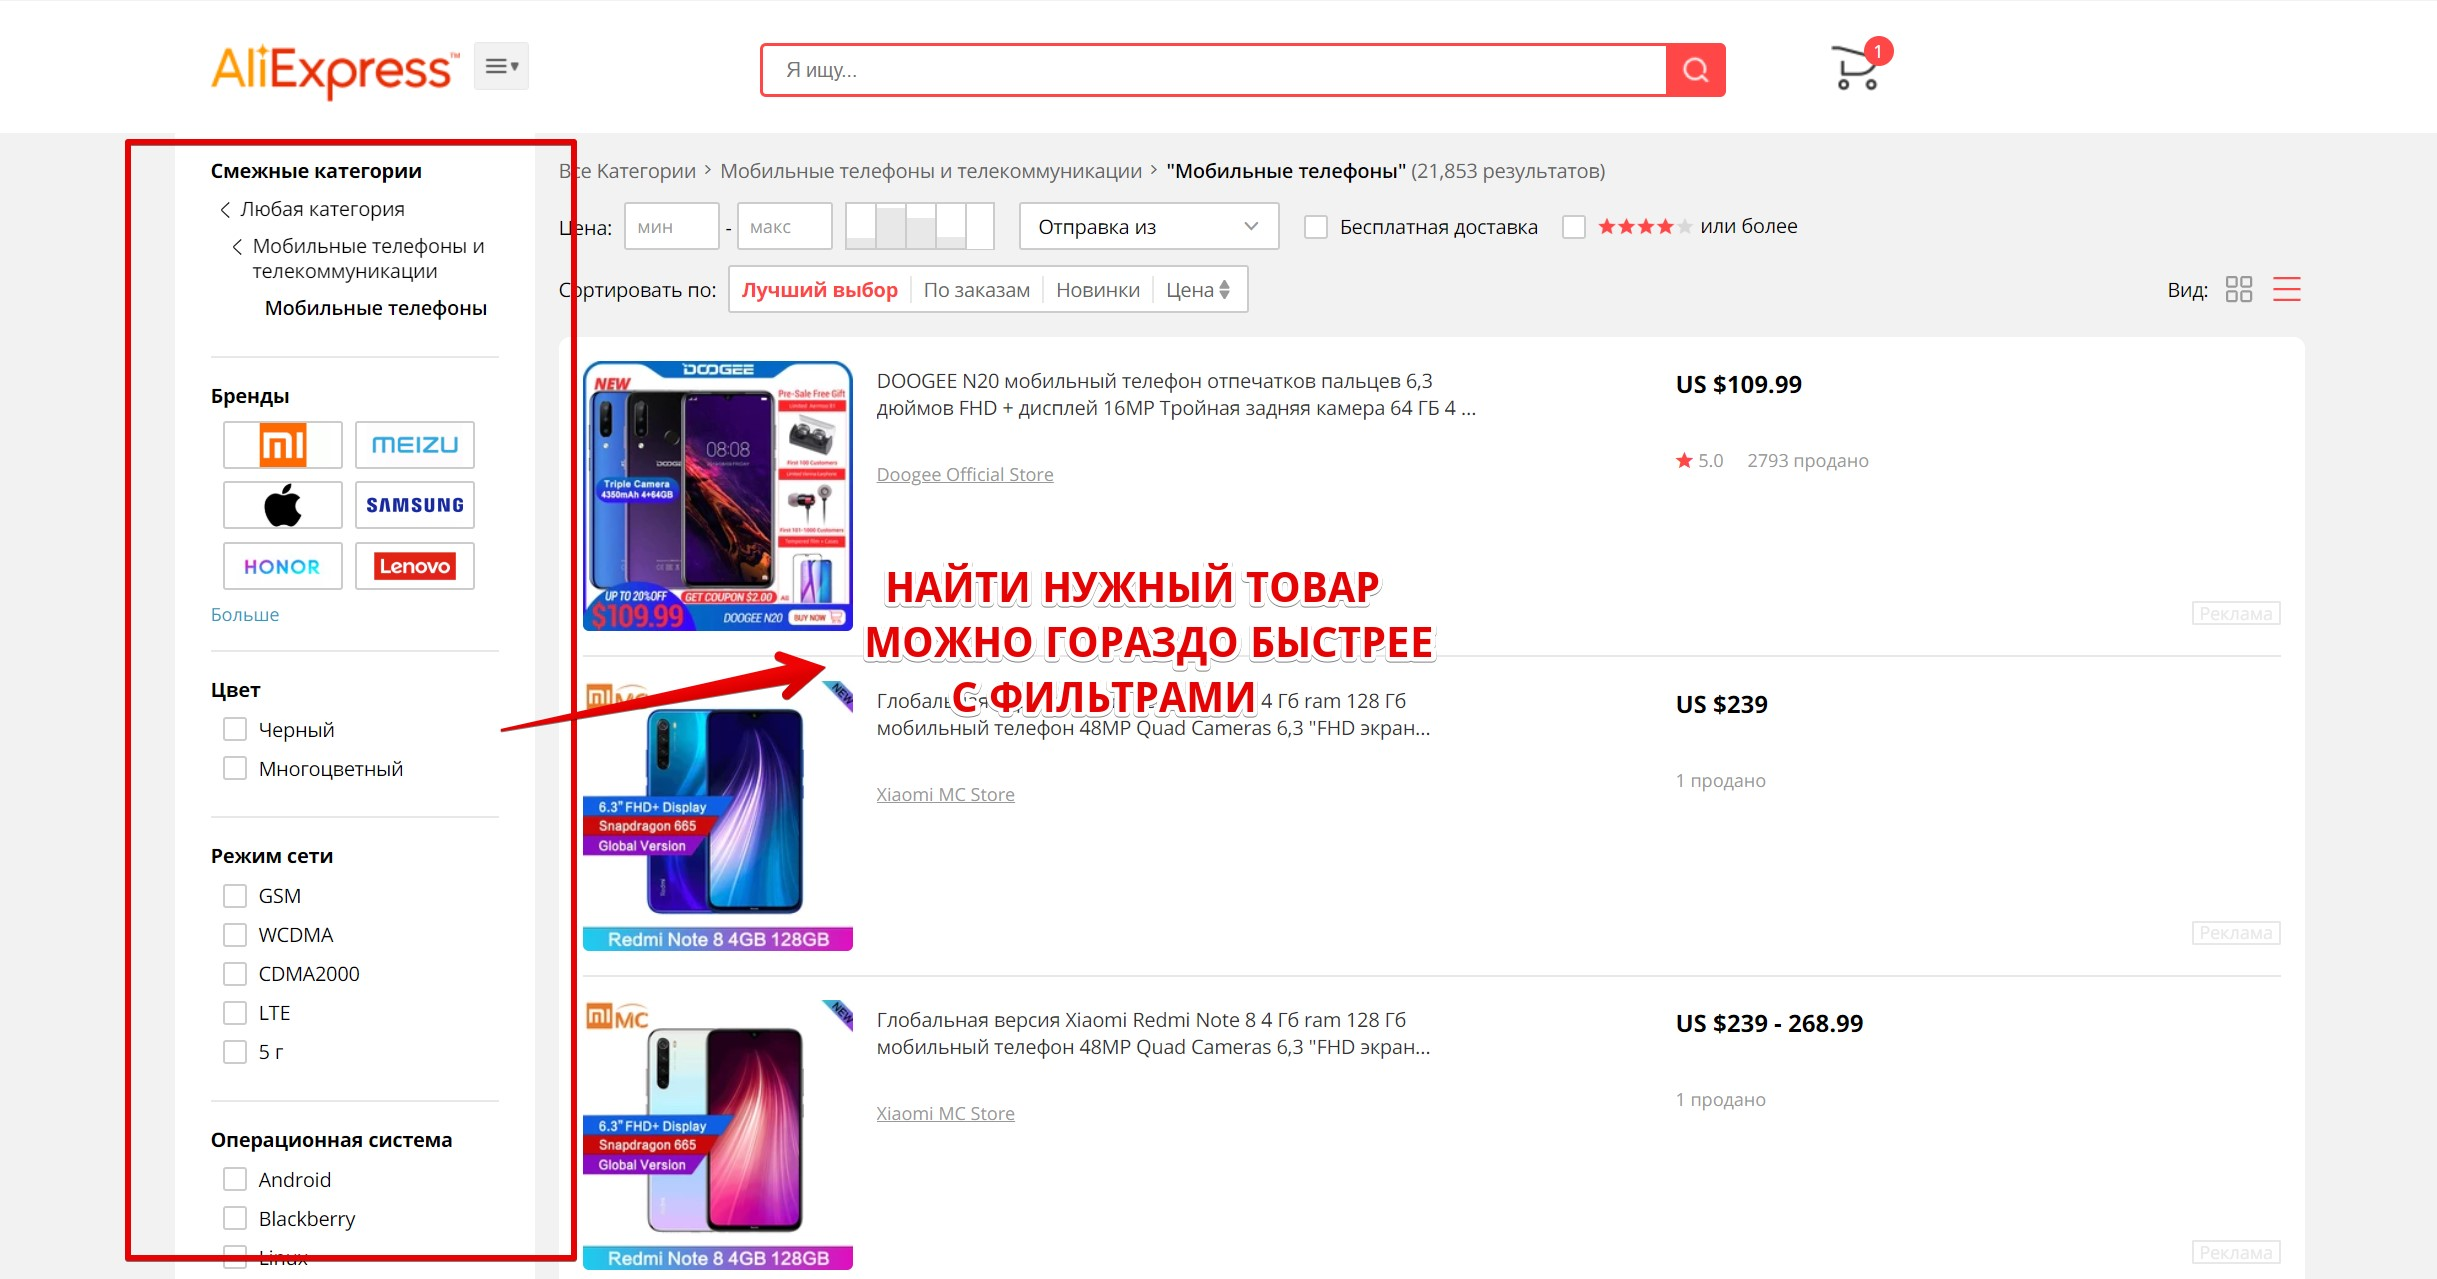 Как найти и оформить заказ на алиэкспресс: поиск товара по фильтрам